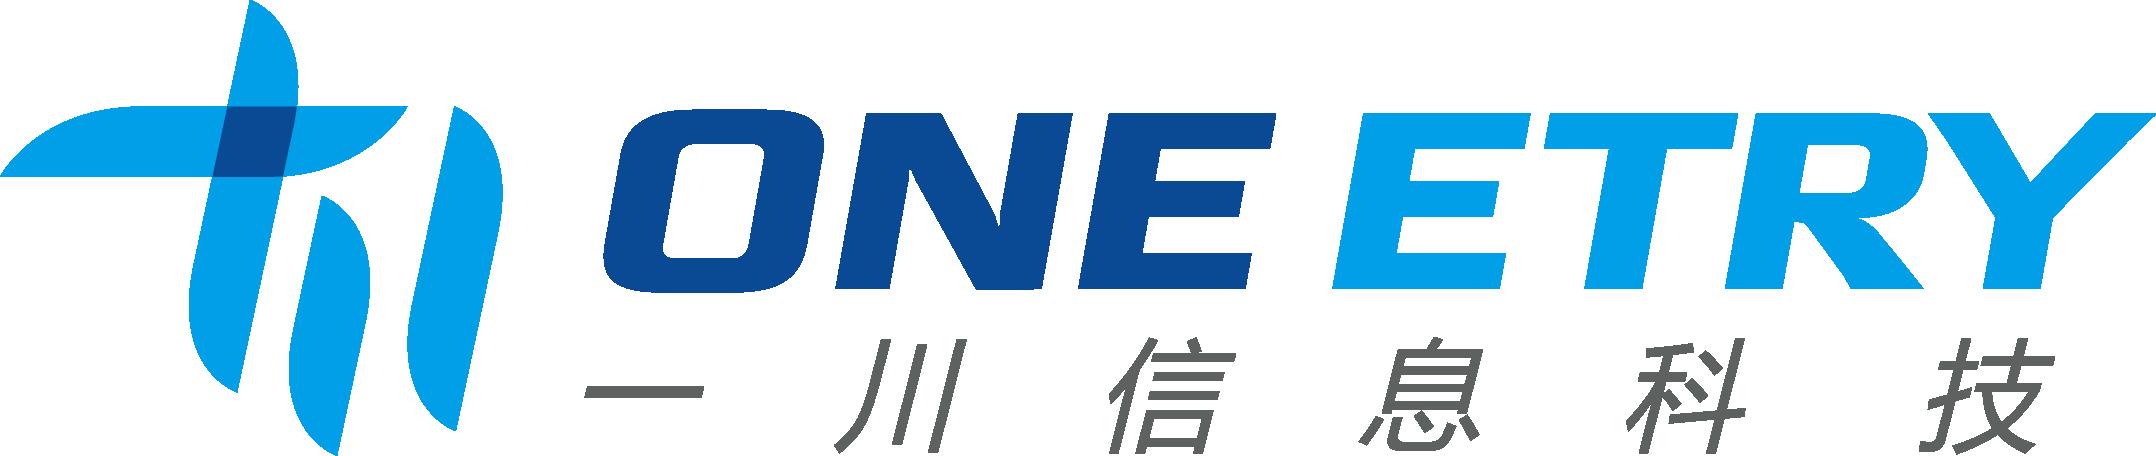 广州一川信息科技万博娱乐下载客户端